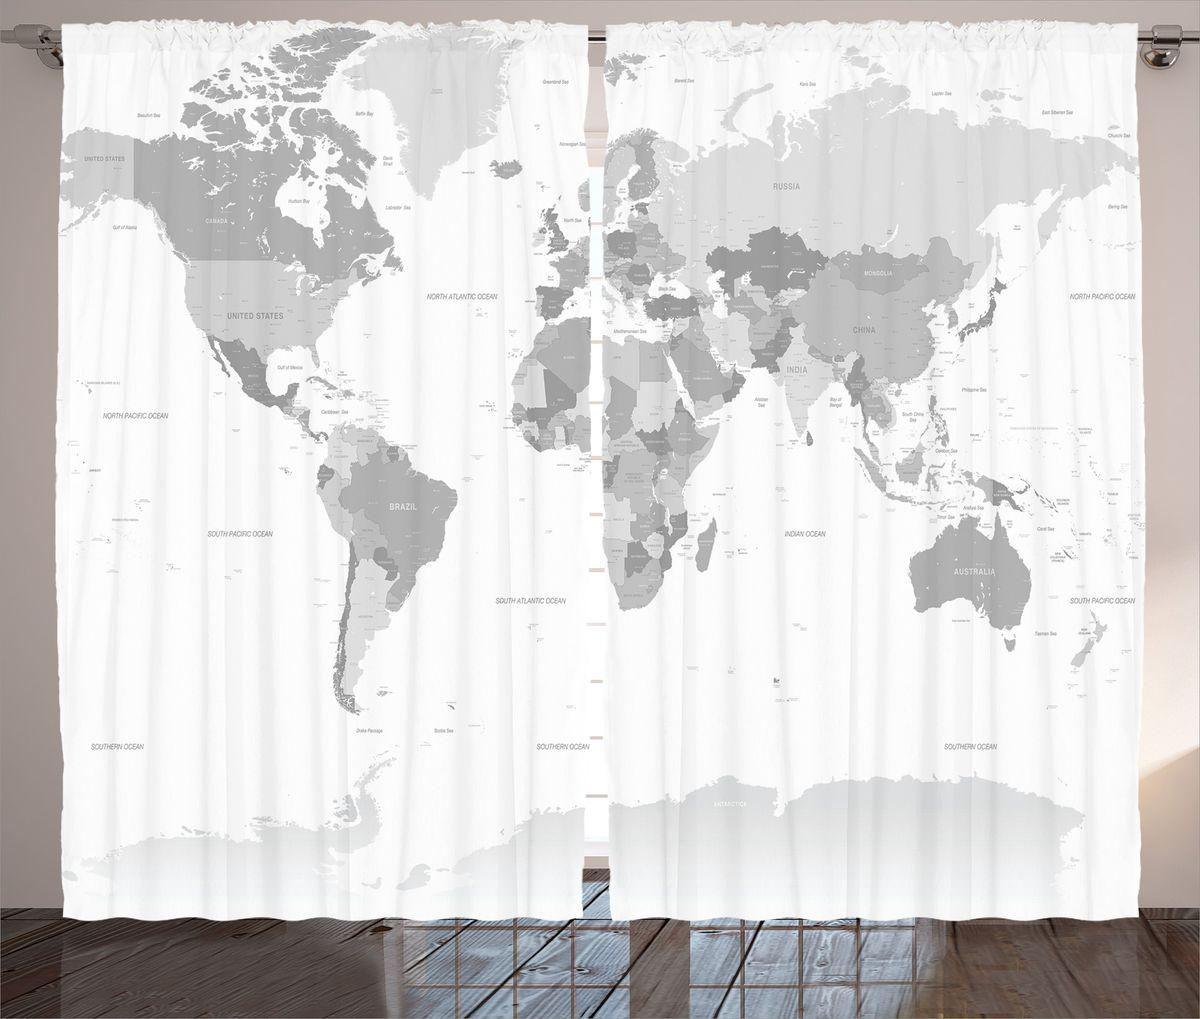 Комплект фотоштор Magic Lady Политическая карта мира, на ленте, высота 265 см. шсг_18025шсг_15601Компания Сэмболь изготавливает шторы из высококачественного сатена (полиэстер 100%). При изготовлении используются специальные гипоаллергенные чернила для прямой печати по ткани, безопасные для человека и животных. Экологичность продукции Magic lady и безопасность для окружающей среды подтверждены сертификатом Oeko-Tex Standard 100. Крепление: крючки для крепления на шторной ленте (50 шт). Возможно крепление на трубу. Внимание! При нанесении сублимационной печати на ткань технологическим методом при температуре 240°С, возможно отклонение полученных размеров (указанных на этикетке и сайте) от стандартных на + - 3-5 см. Производитель старается максимально точно передать цвета изделия на фотографиях, однако искажения неизбежны и фактический цвет изделия может отличаться от воспринимаемого по фото. Обратите внимание! Шторы изготовлены из полиэстра сатенового переплетения, а не из сатина (хлопок). Размер одного полотна шторы: 145х265 см. В комплекте 2 полотна шторы и 50 крючков.